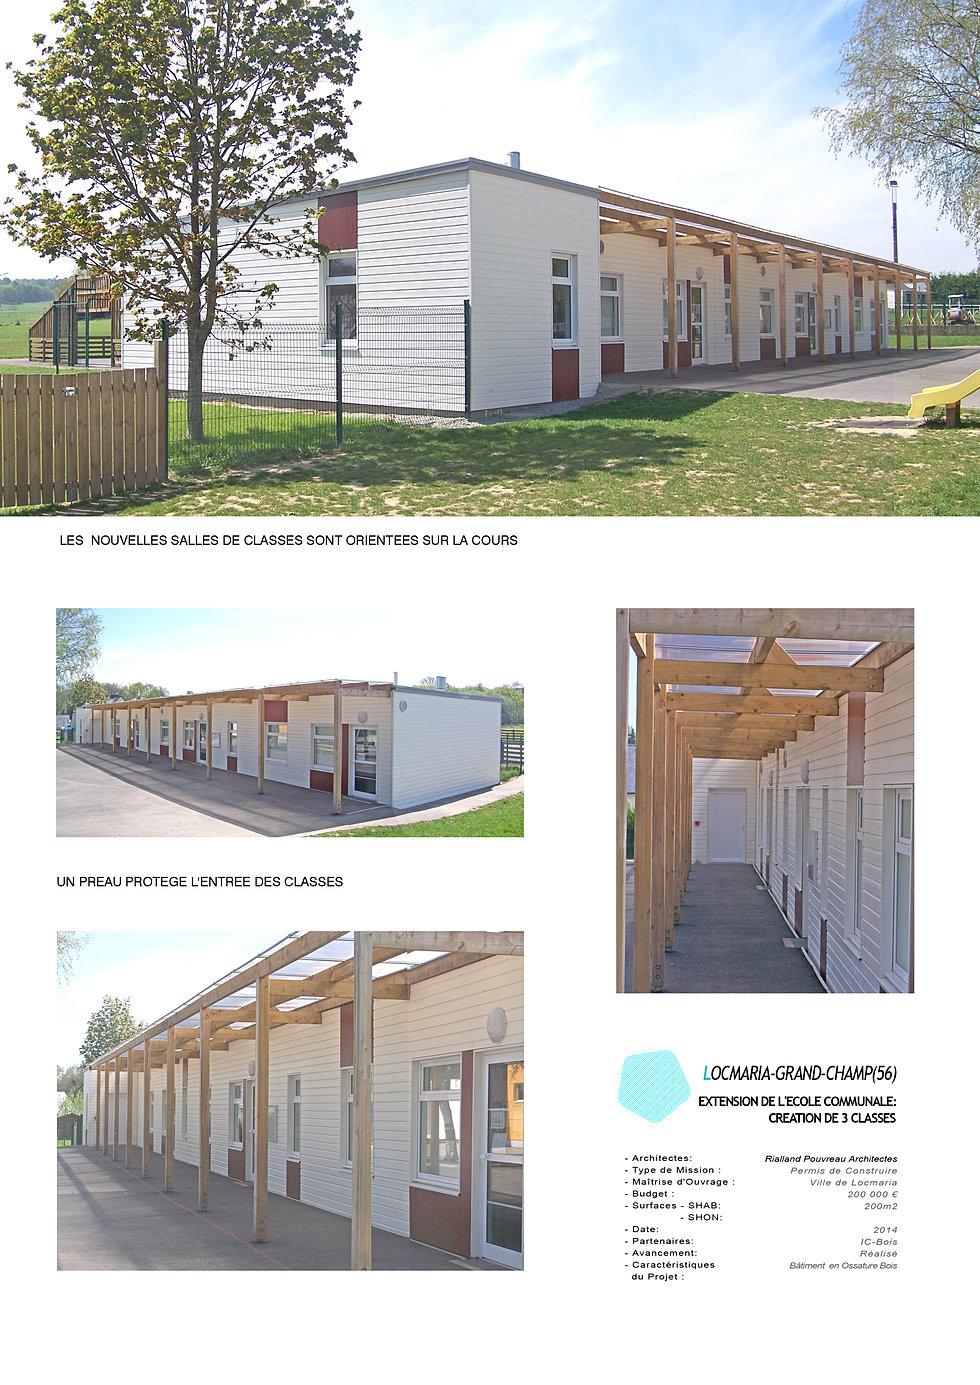 architecte lorient maisons extensions locmaria g ecole. Black Bedroom Furniture Sets. Home Design Ideas